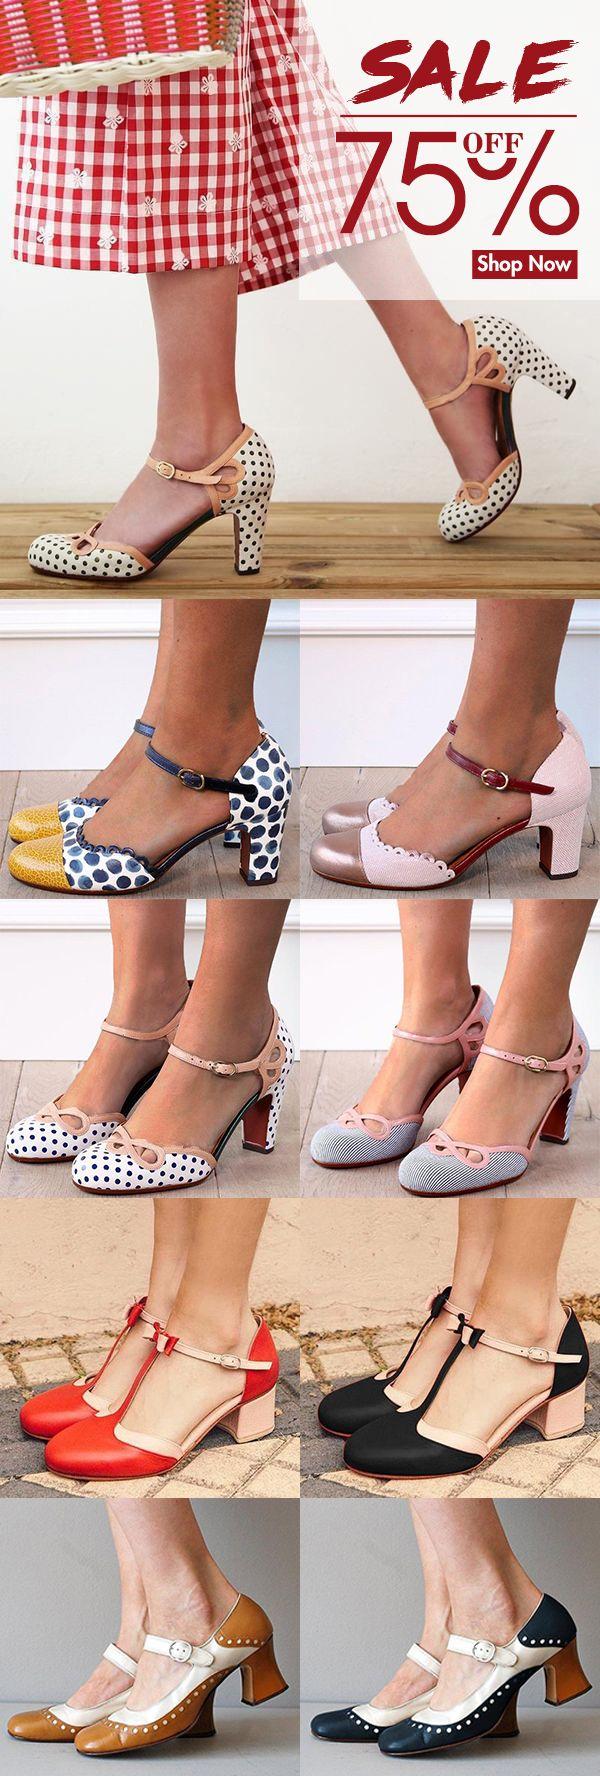 JETZT EINKAUFEN >> 75% RABATT! 10+ Hot Fashion Sandals Schuhe Picks für Ihre täglichen Outfits.